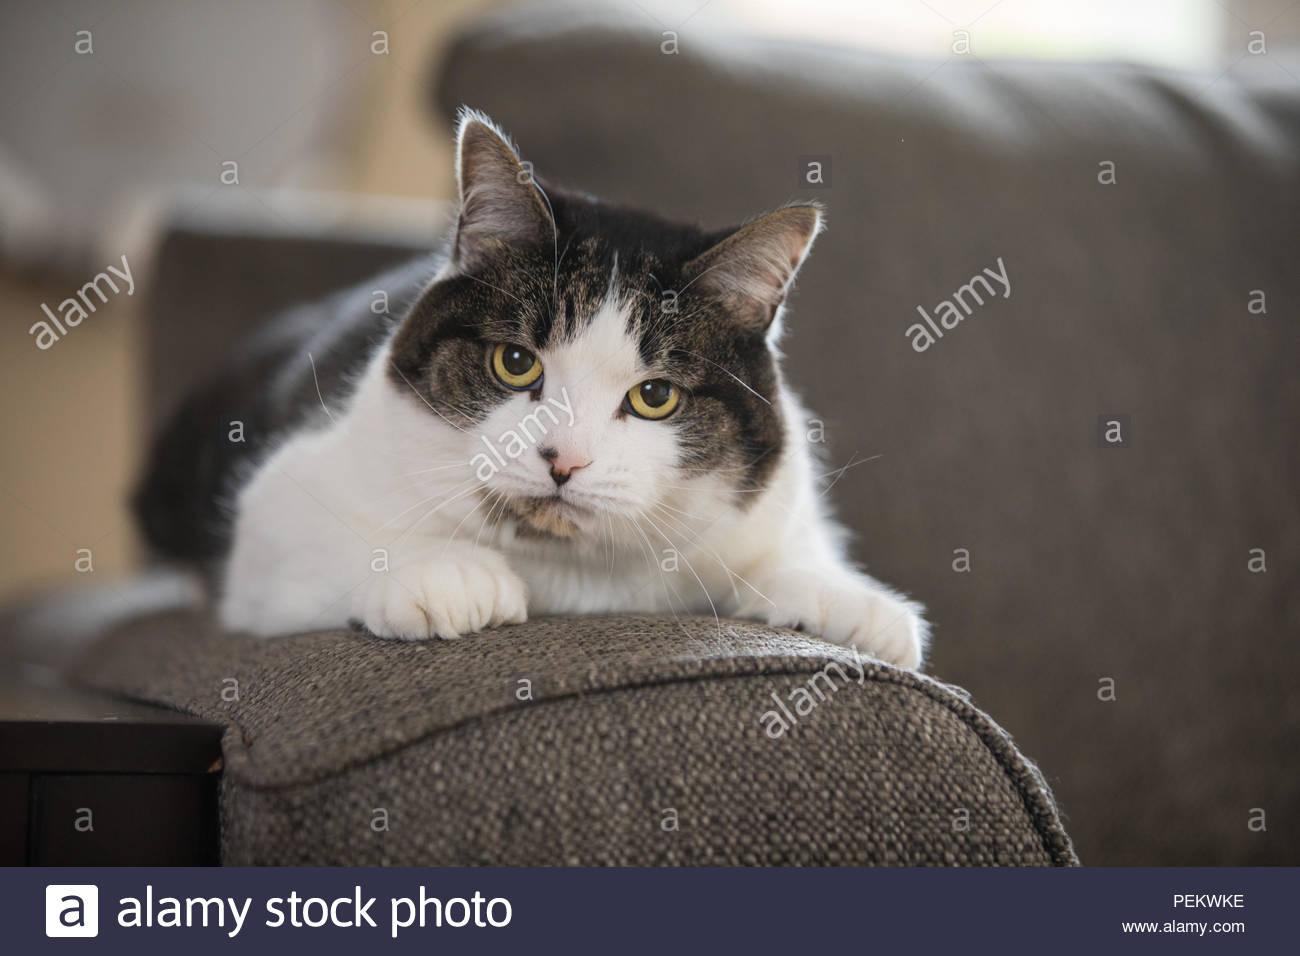 Grau und Weiß tabby Mischung mit gelben Augen starrte angestrengt viewe beim Liegen auf dem Sofa arm Stockbild